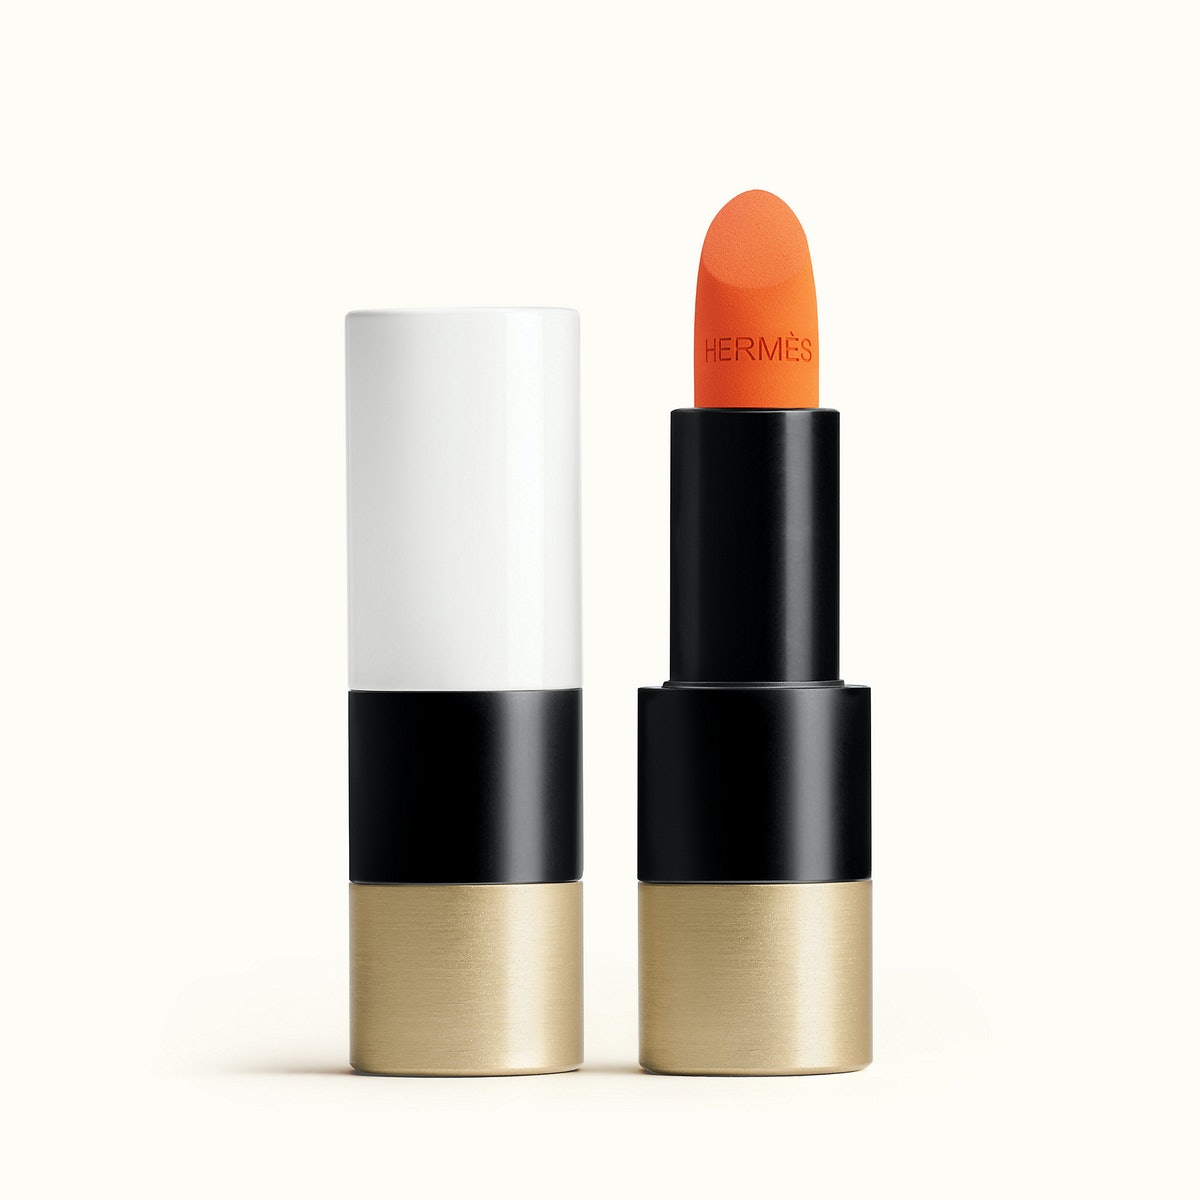 Rouge Hermes, Matte lipstick, Orange Boîte